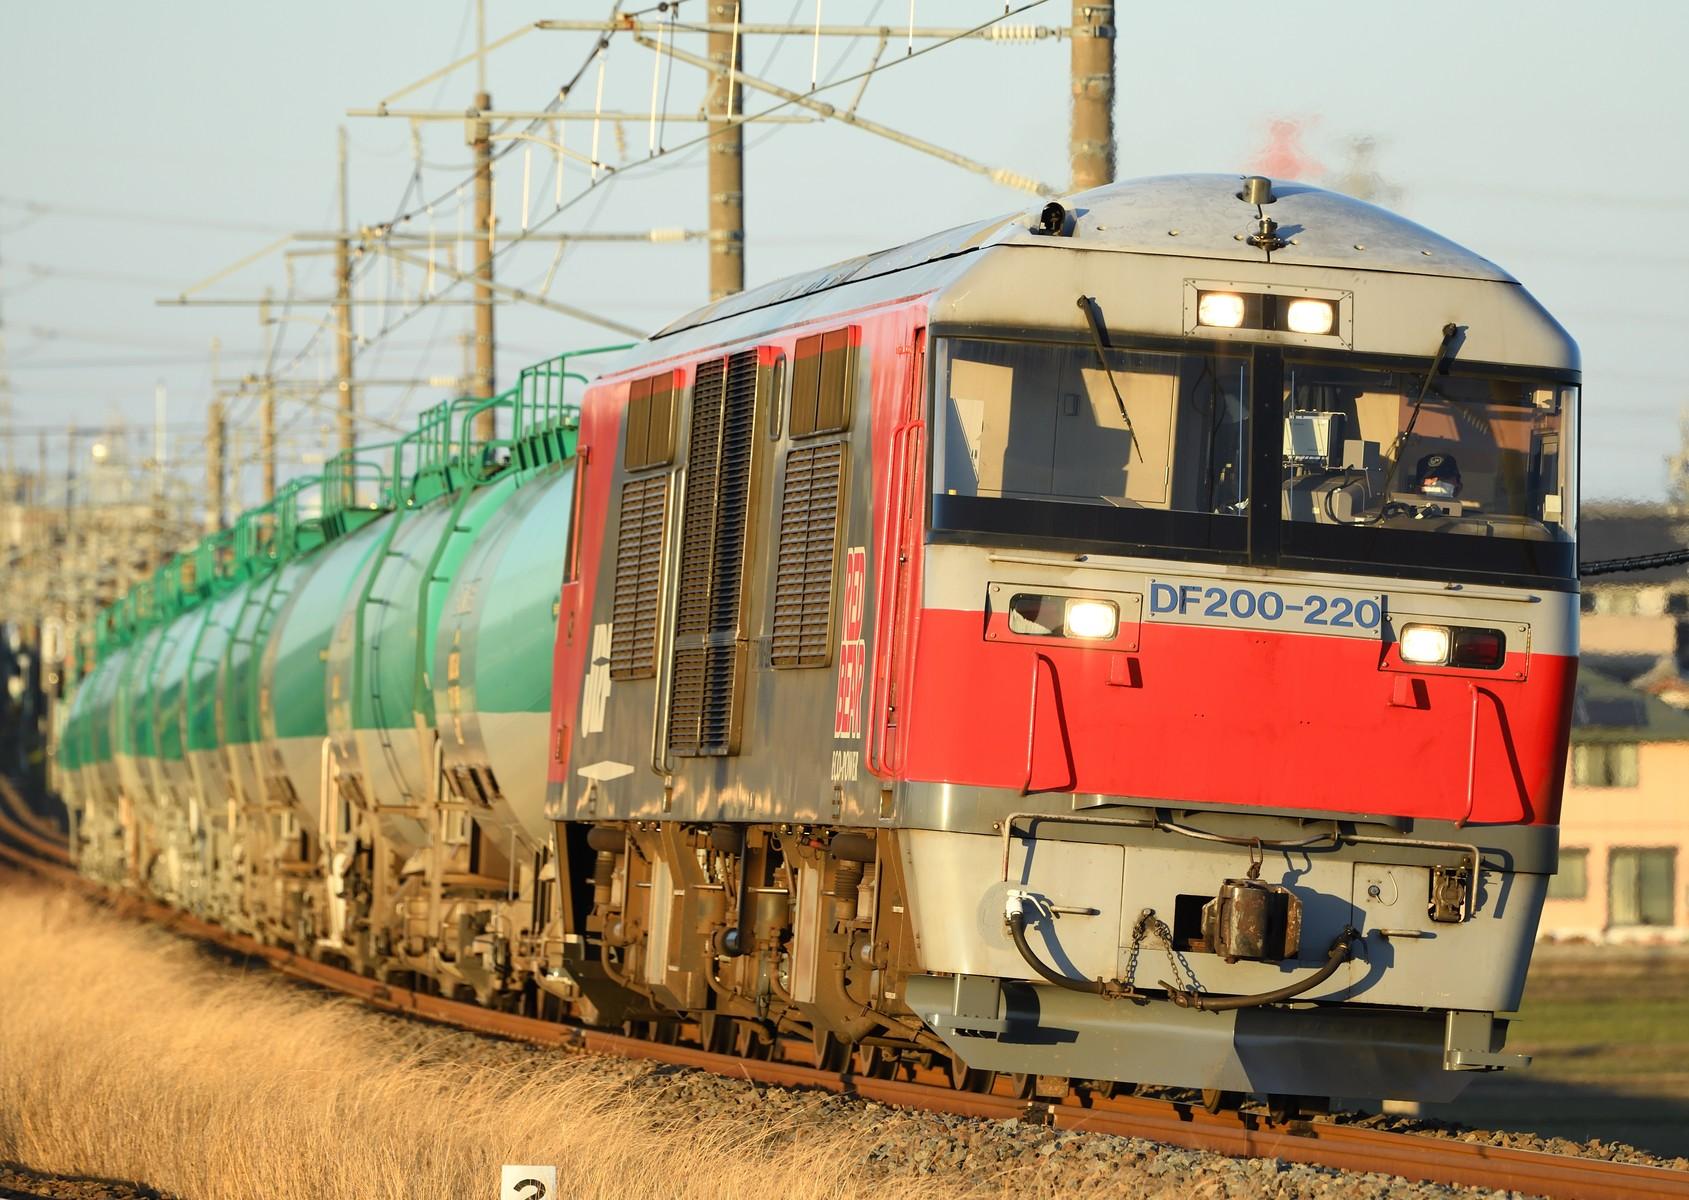 http://livedoor.blogimg.jp/koukendaisuki/imgs/0/a/0a9f9394.jpg